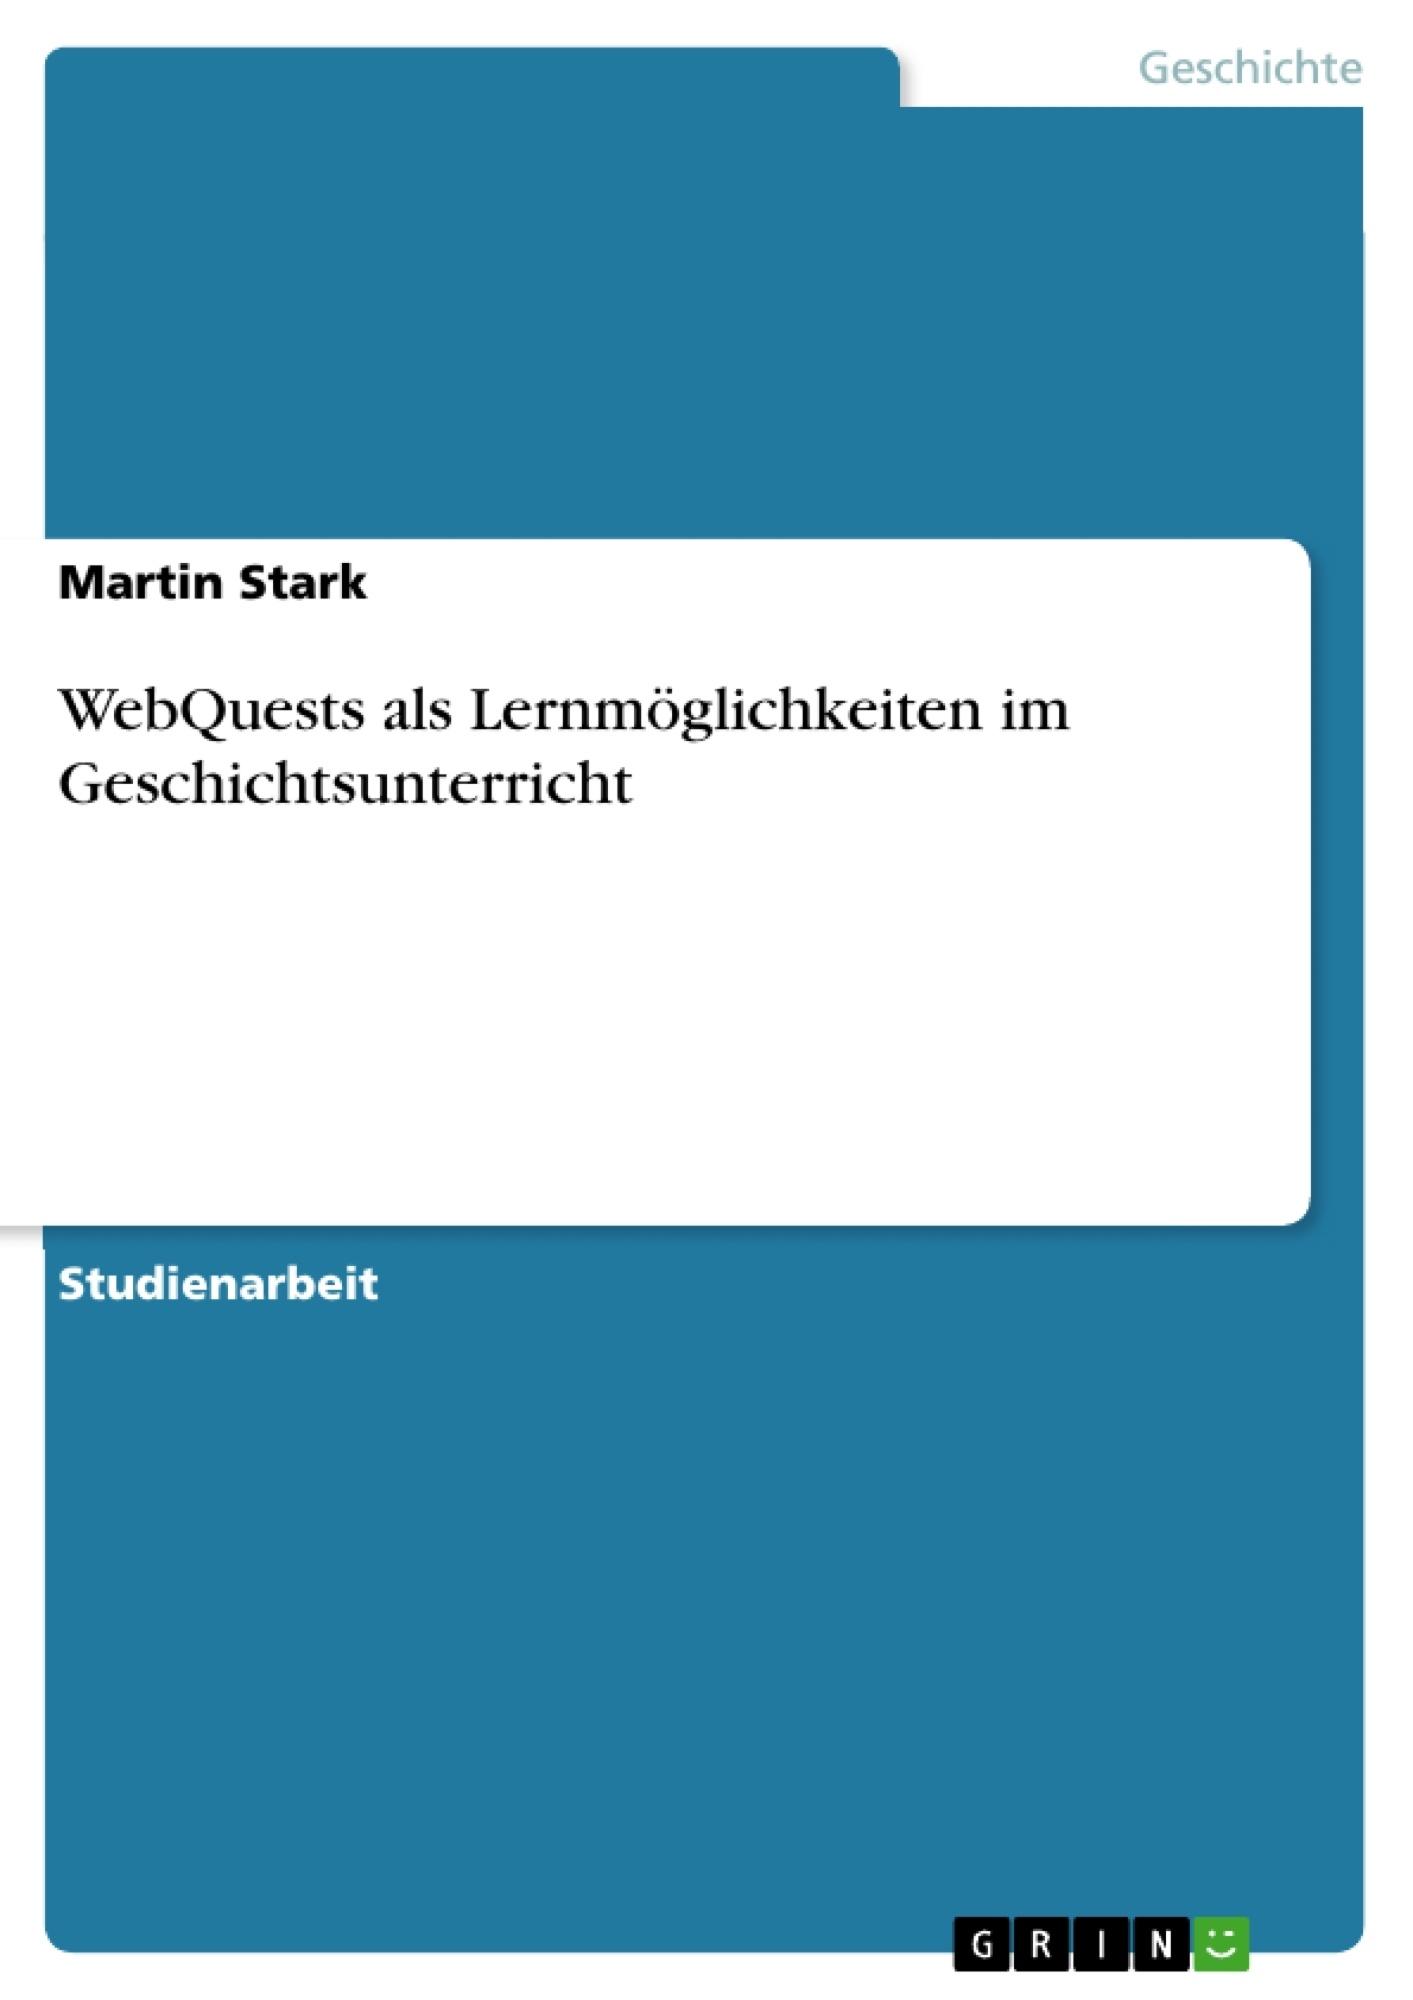 Titel: WebQuests als Lernmöglichkeiten im Geschichtsunterricht